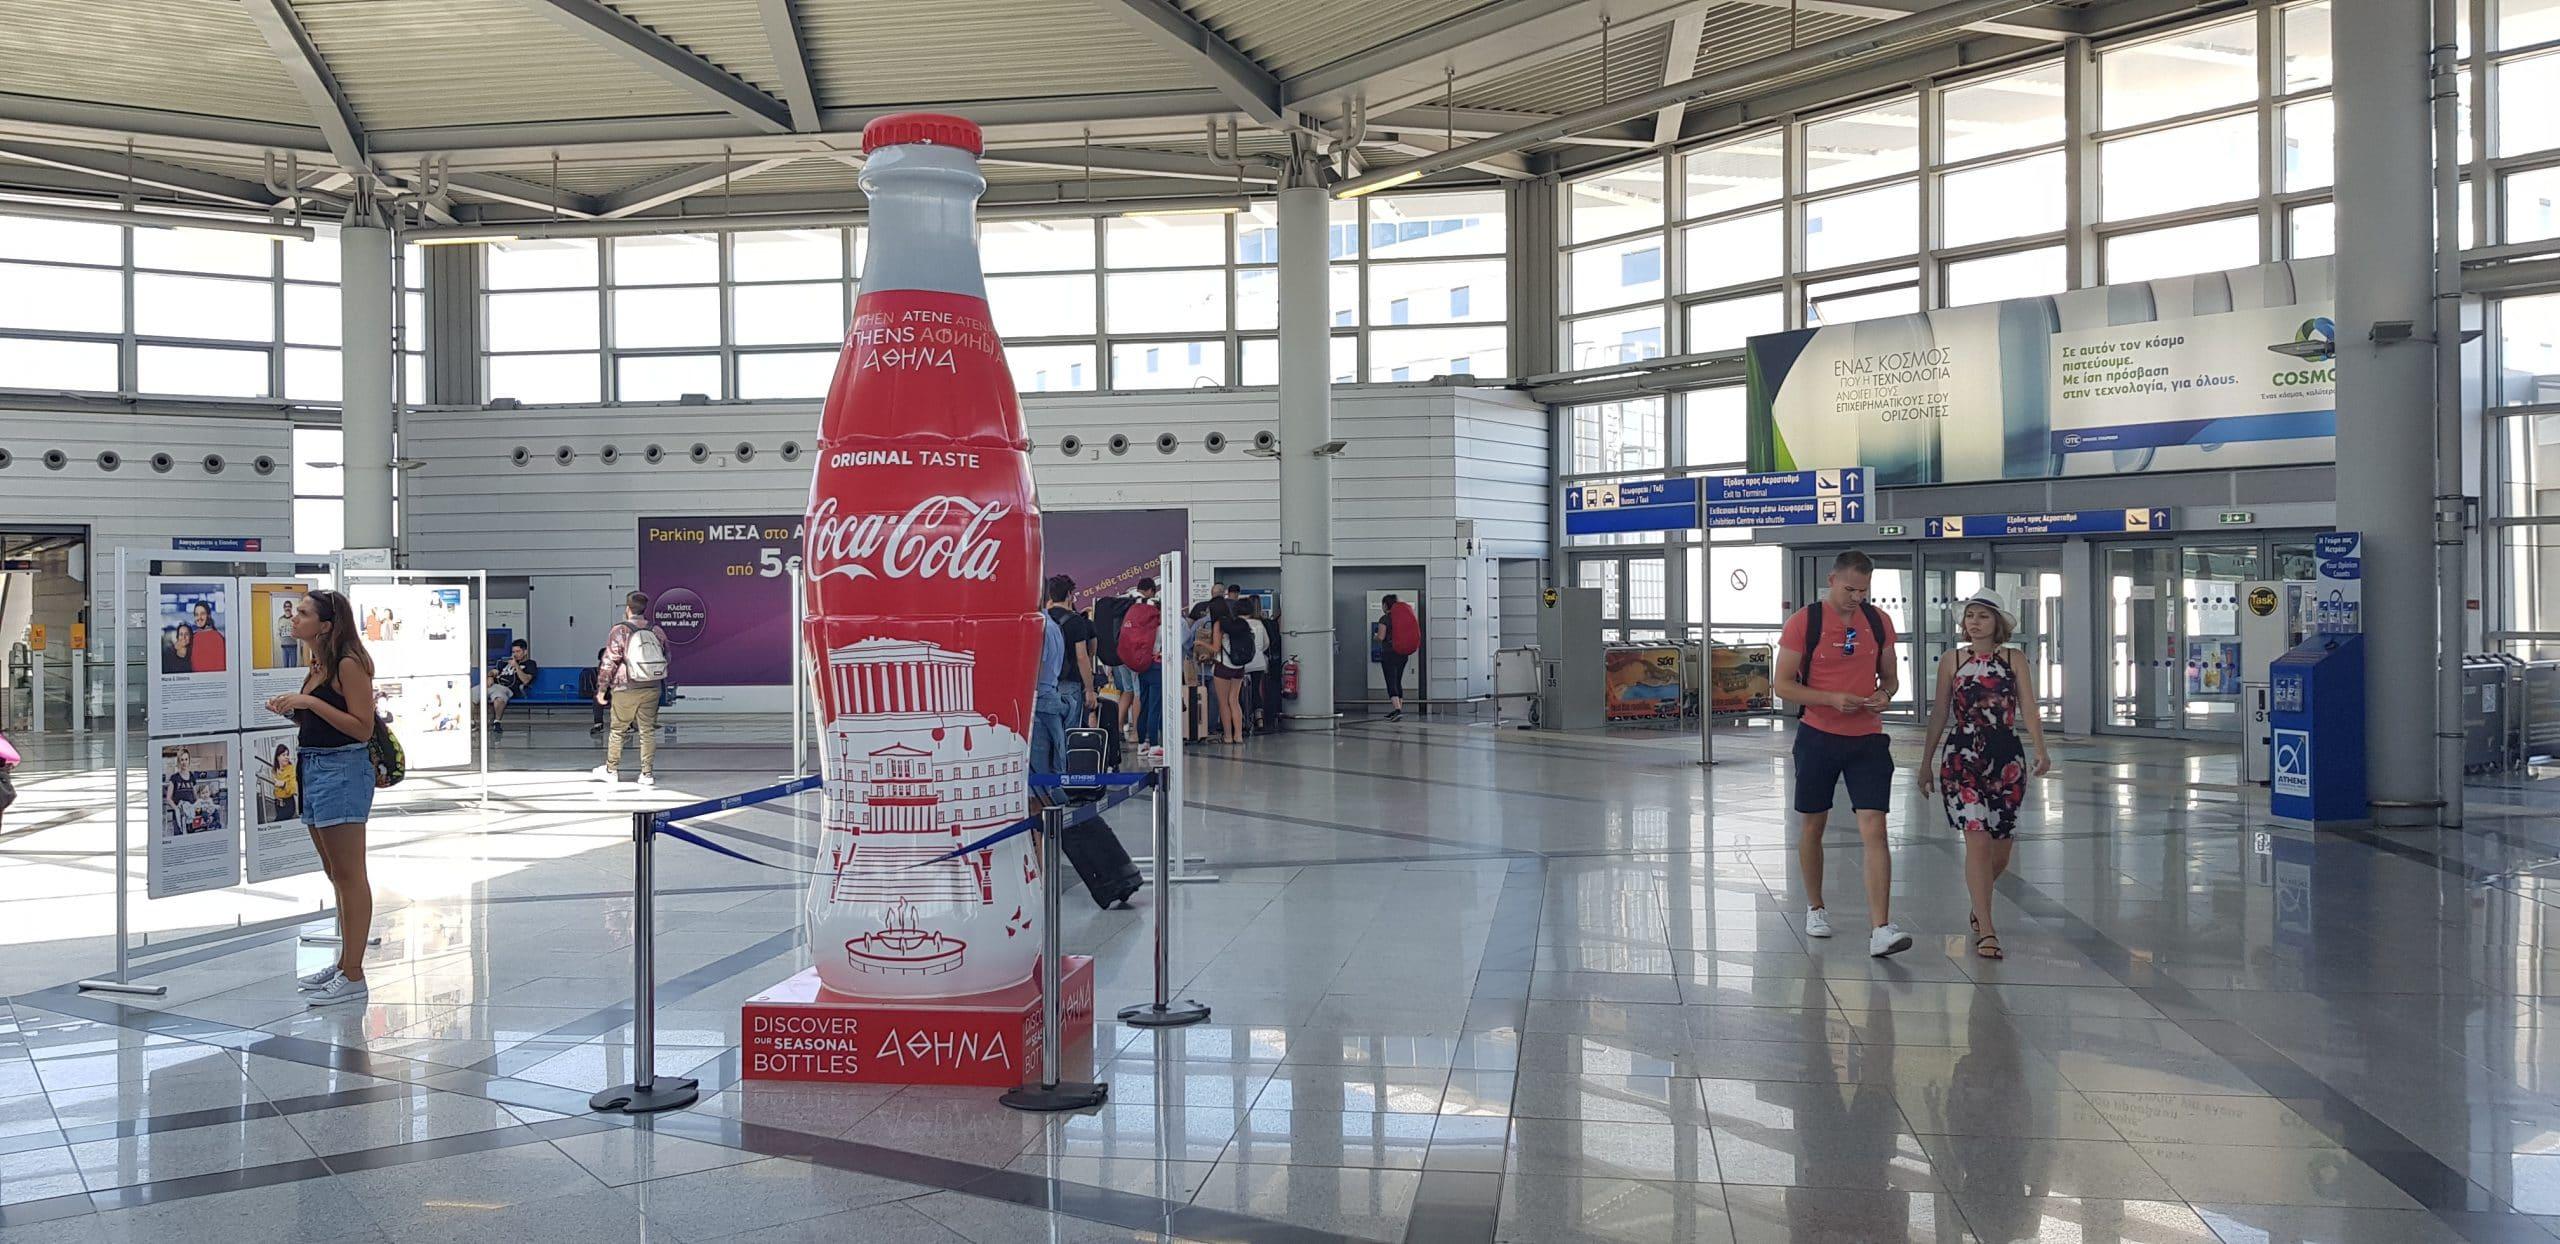 3D|COCA COLA Bottle